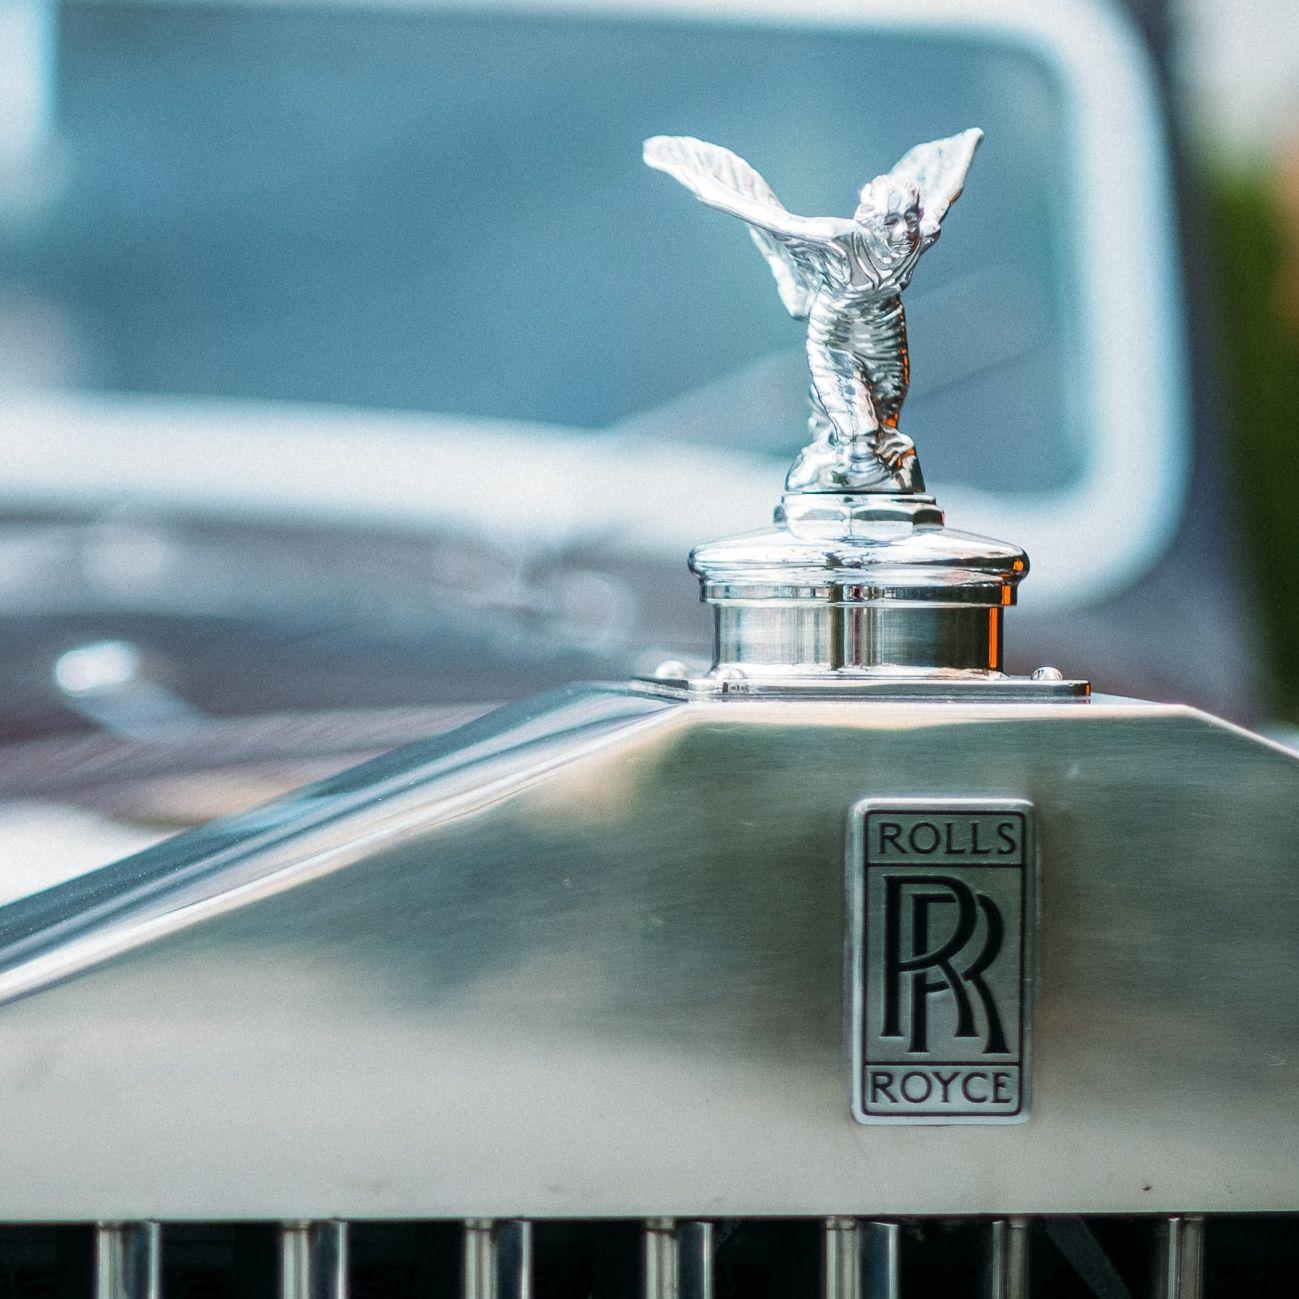 Episode 15: Rolls-Royce's worldwide network of corruption